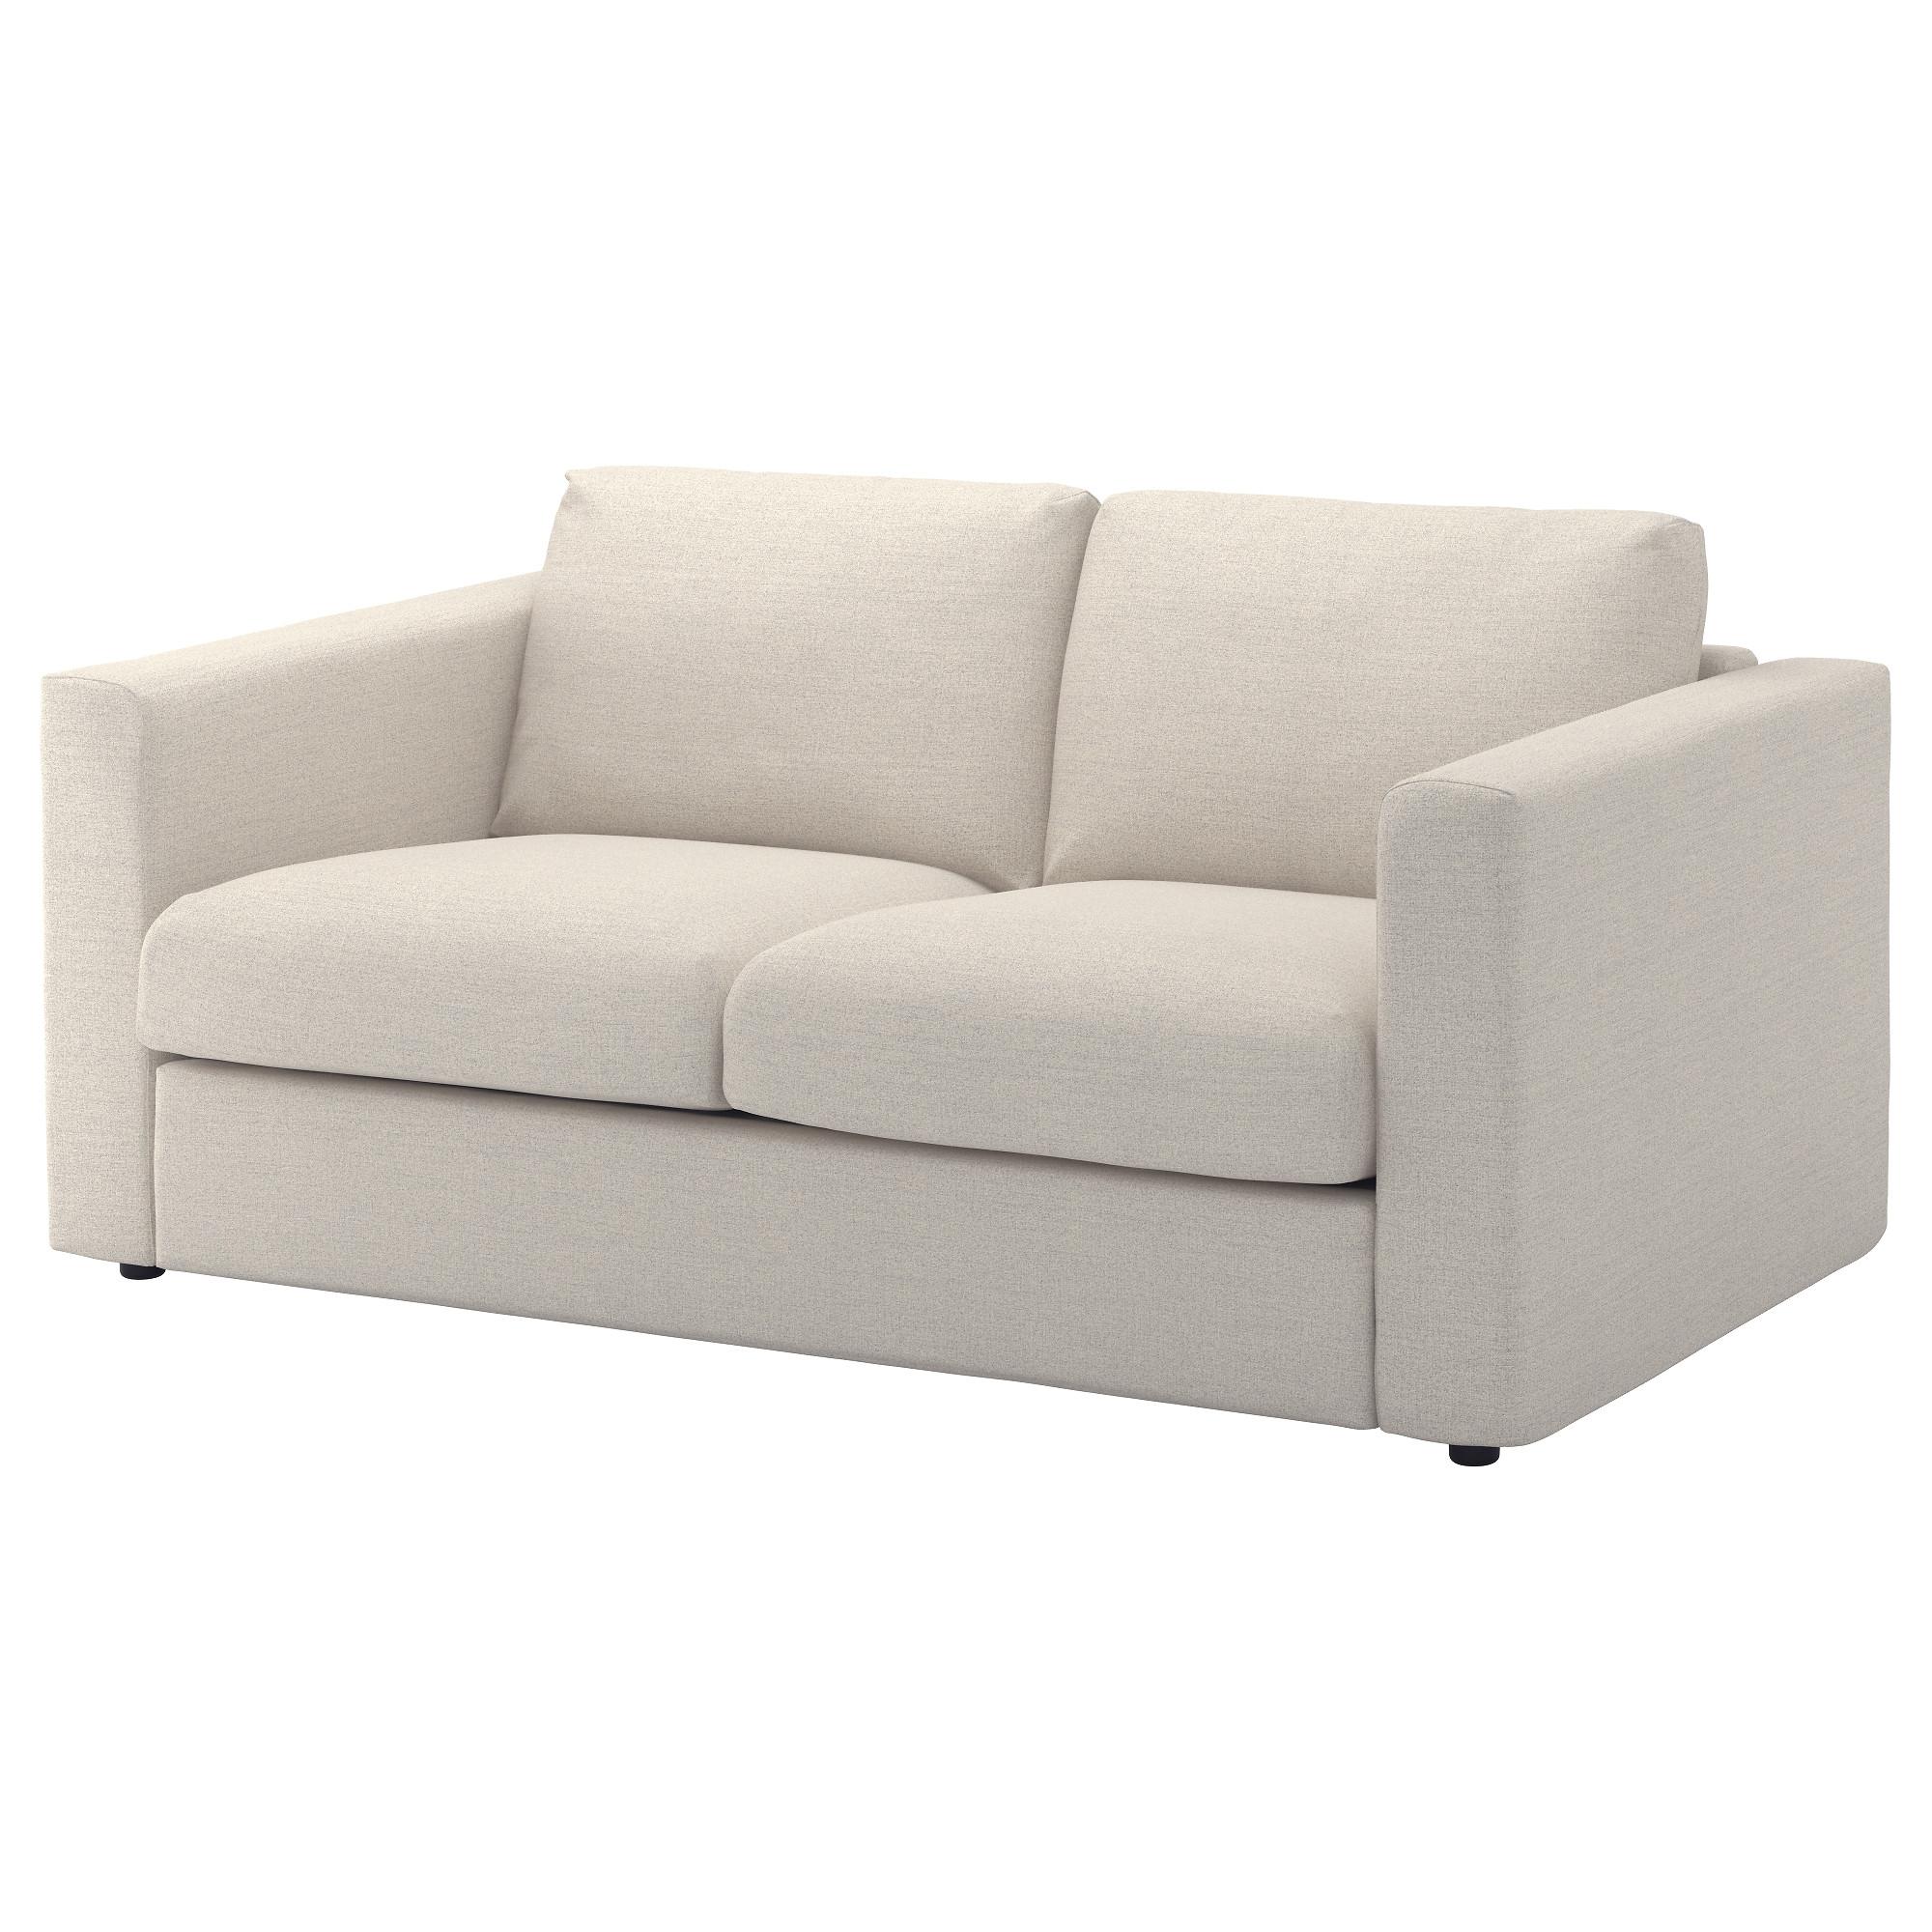 VIMLE sofá 2 plazas, GUNNARED beige